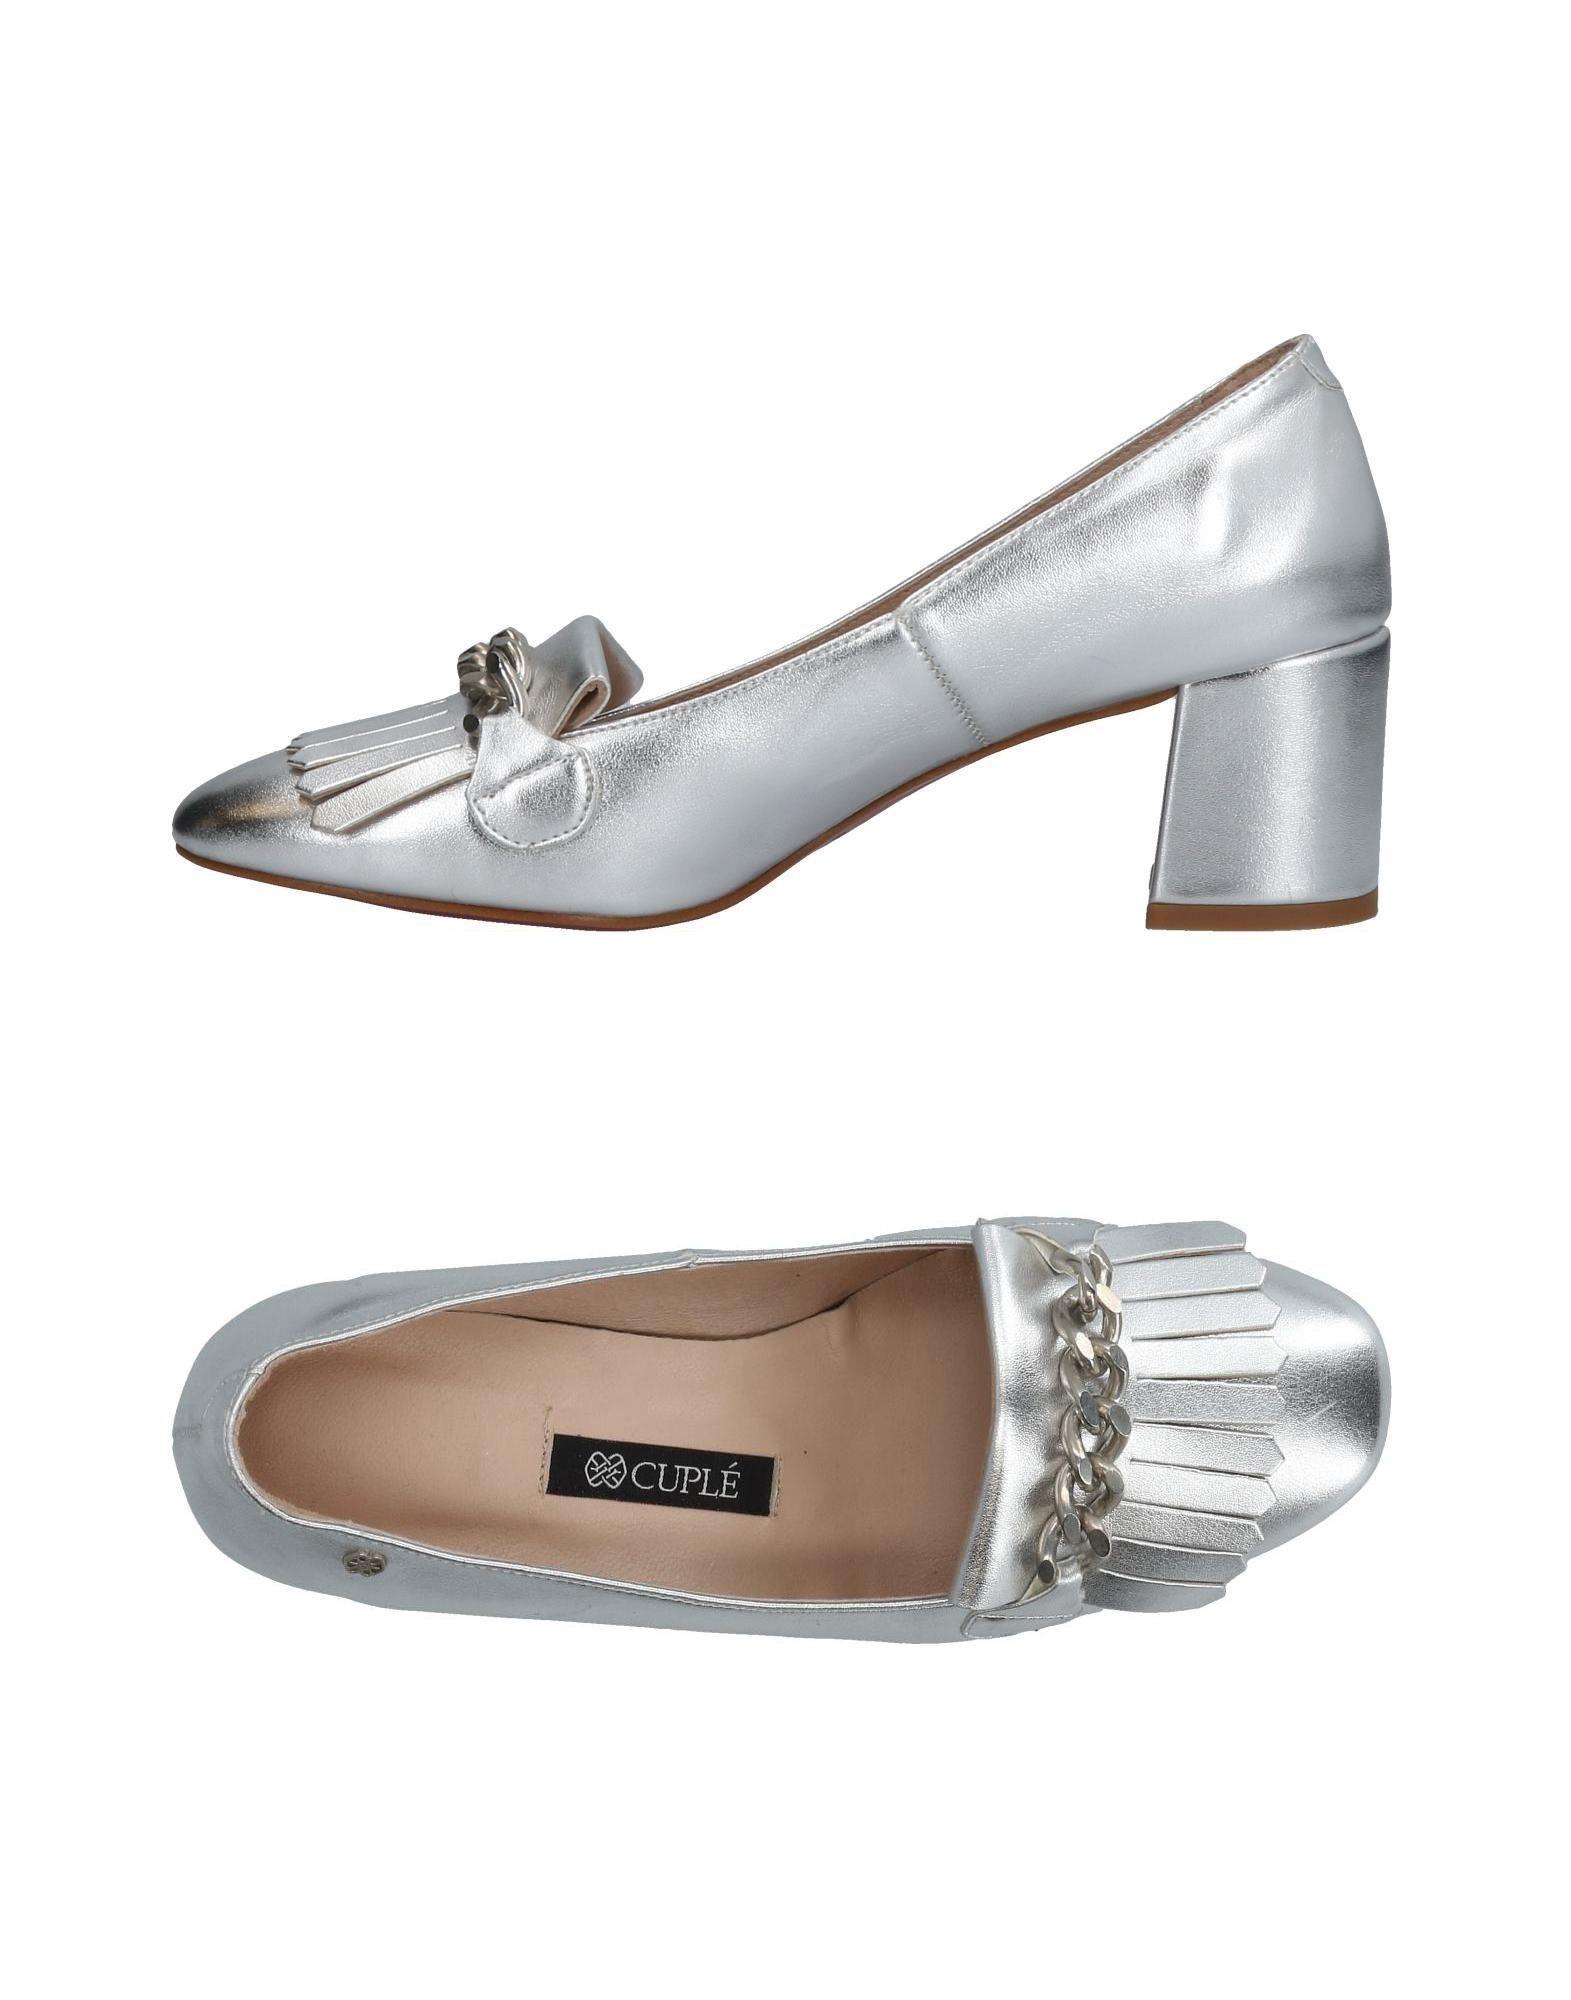 Cuplé Mokassins Damen  11430803AX Gute Qualität beliebte Schuhe